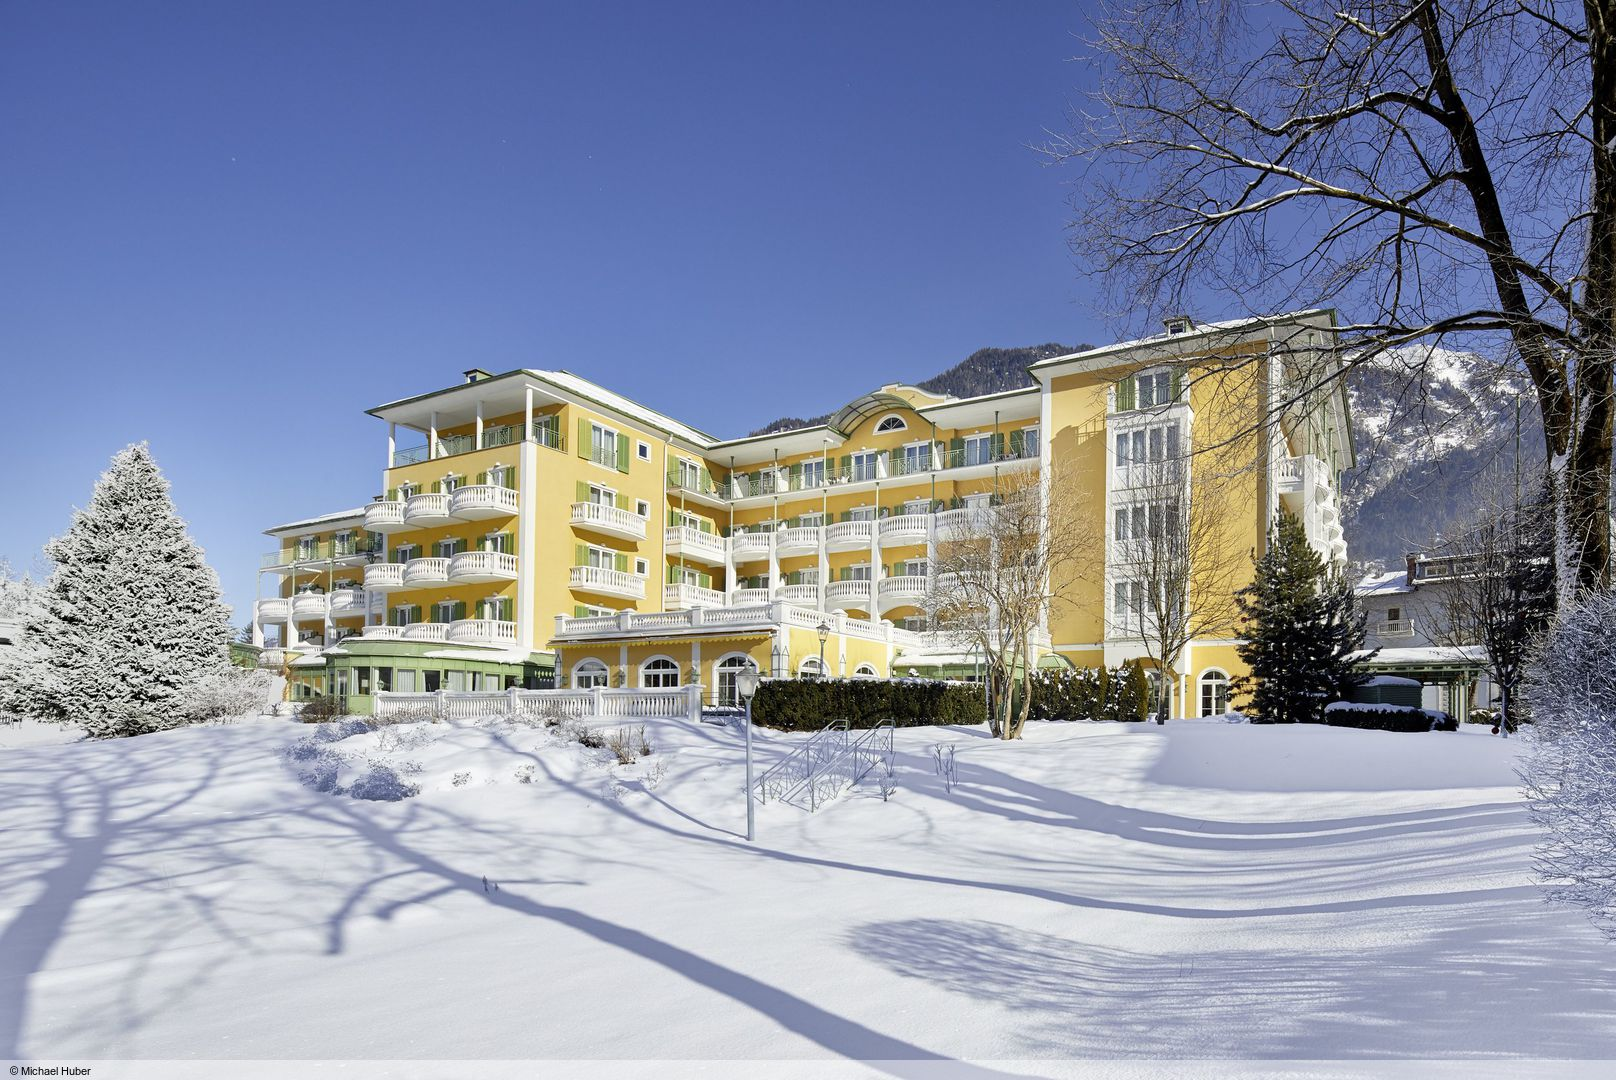 Slide1 - Das Alpenhaus Gasteinertal